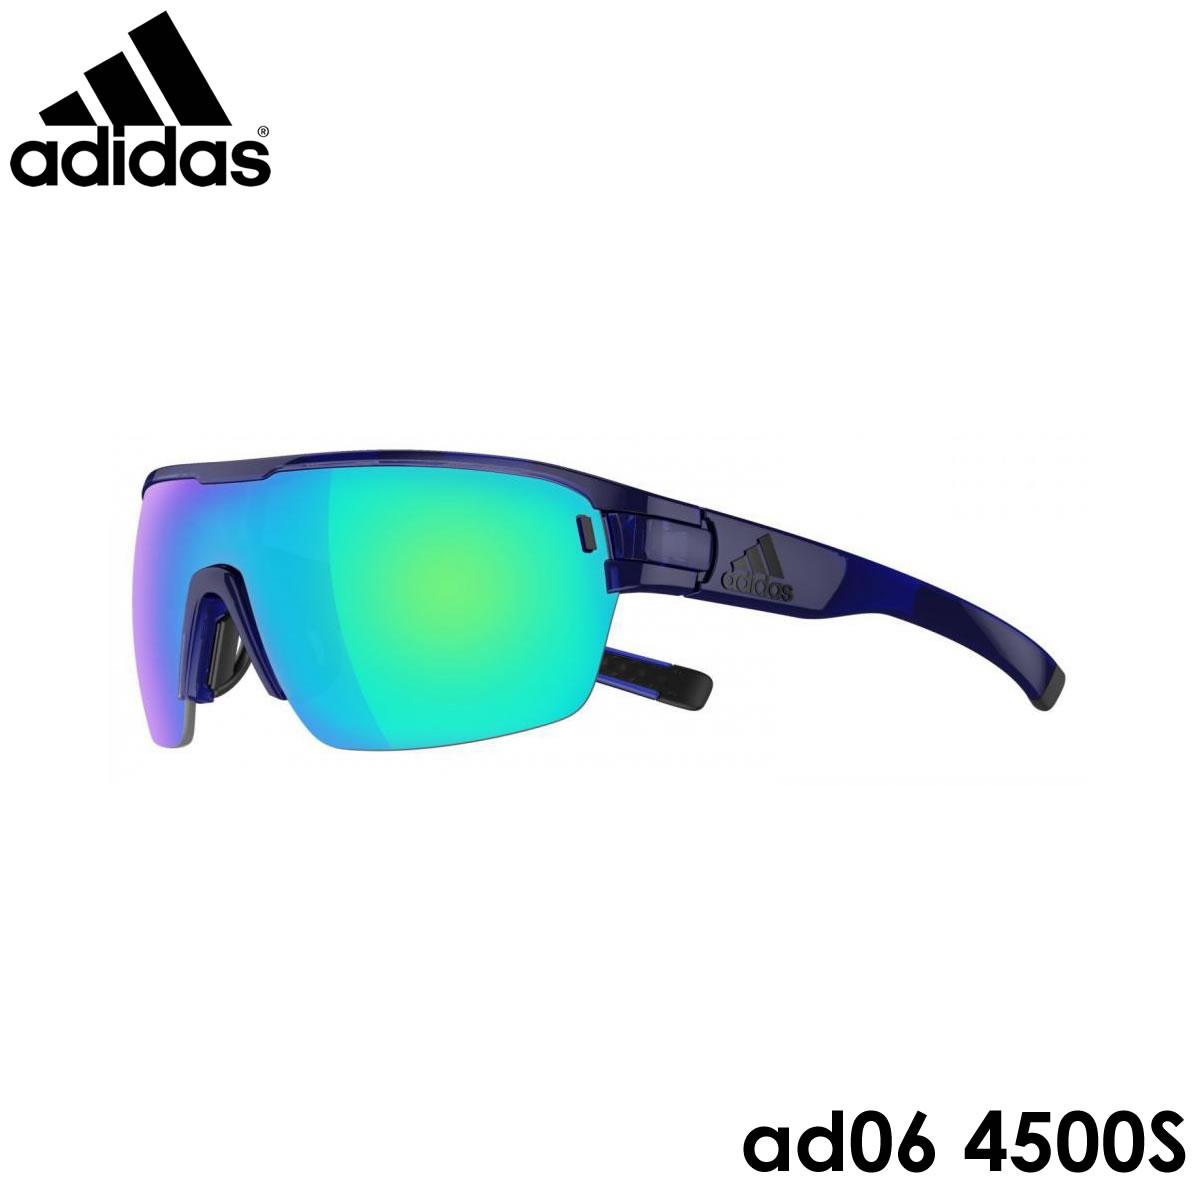 【10月30日からエントリーで全品ポイント20倍】アディダス adidas サングラスad06 4500SZONYK AERO Sサイズ ゾニックエアロ スポーツサングラス アウトドア ポイント10倍アディダス adidas メンズ レディース